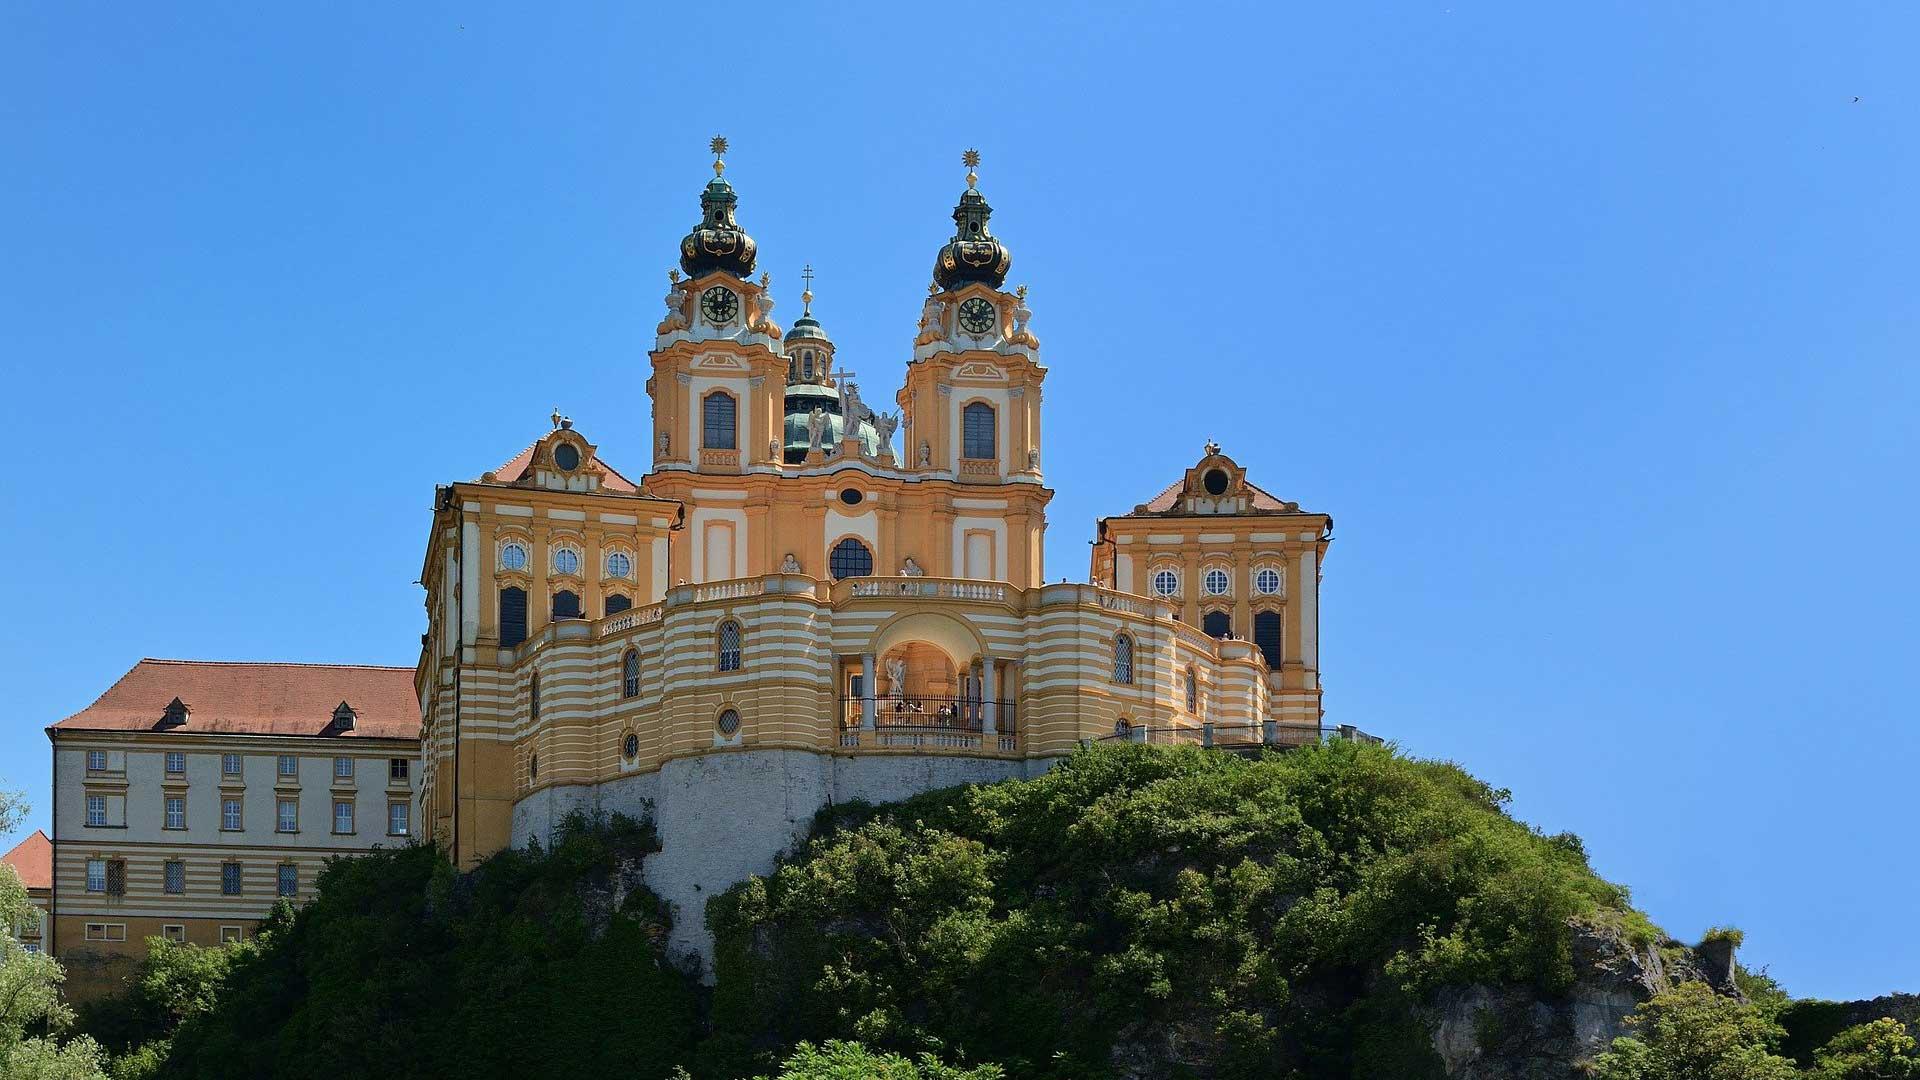 Het klooster van Melk torent boven het landschap uit